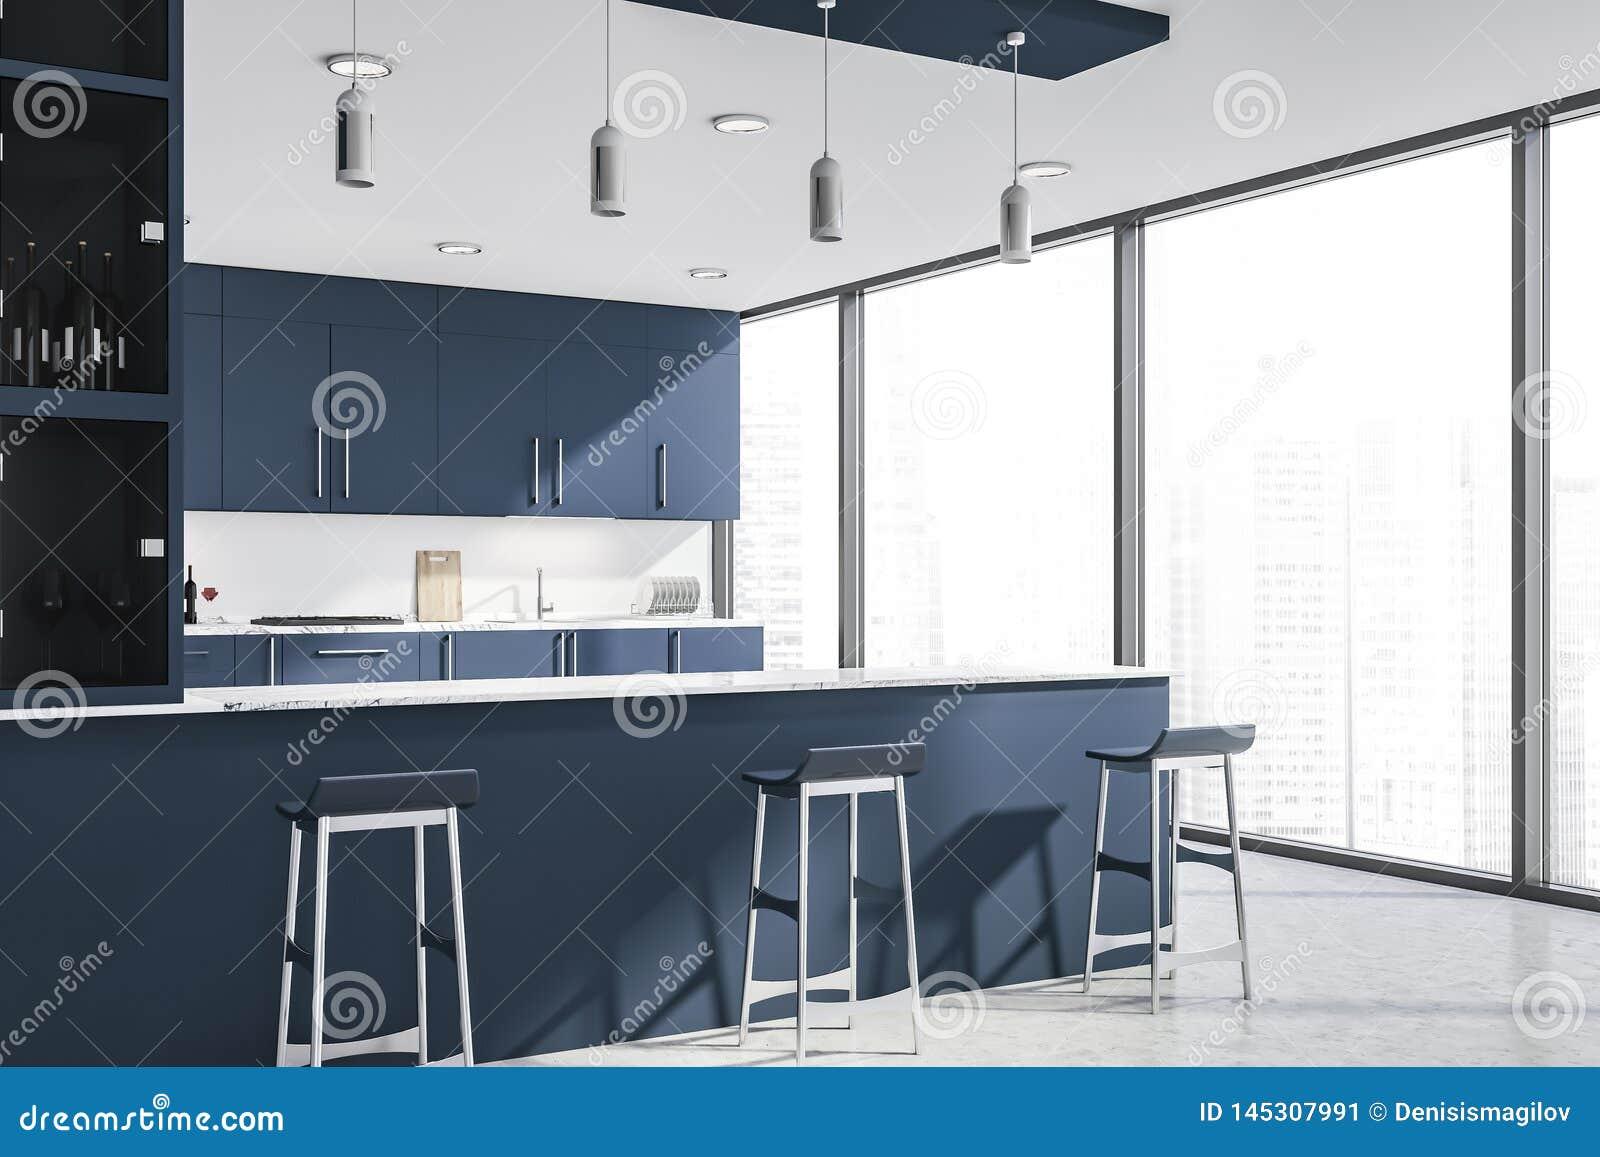 Esquina De La Cocina Azul Marino Con La Barra Stock De Ilustracion